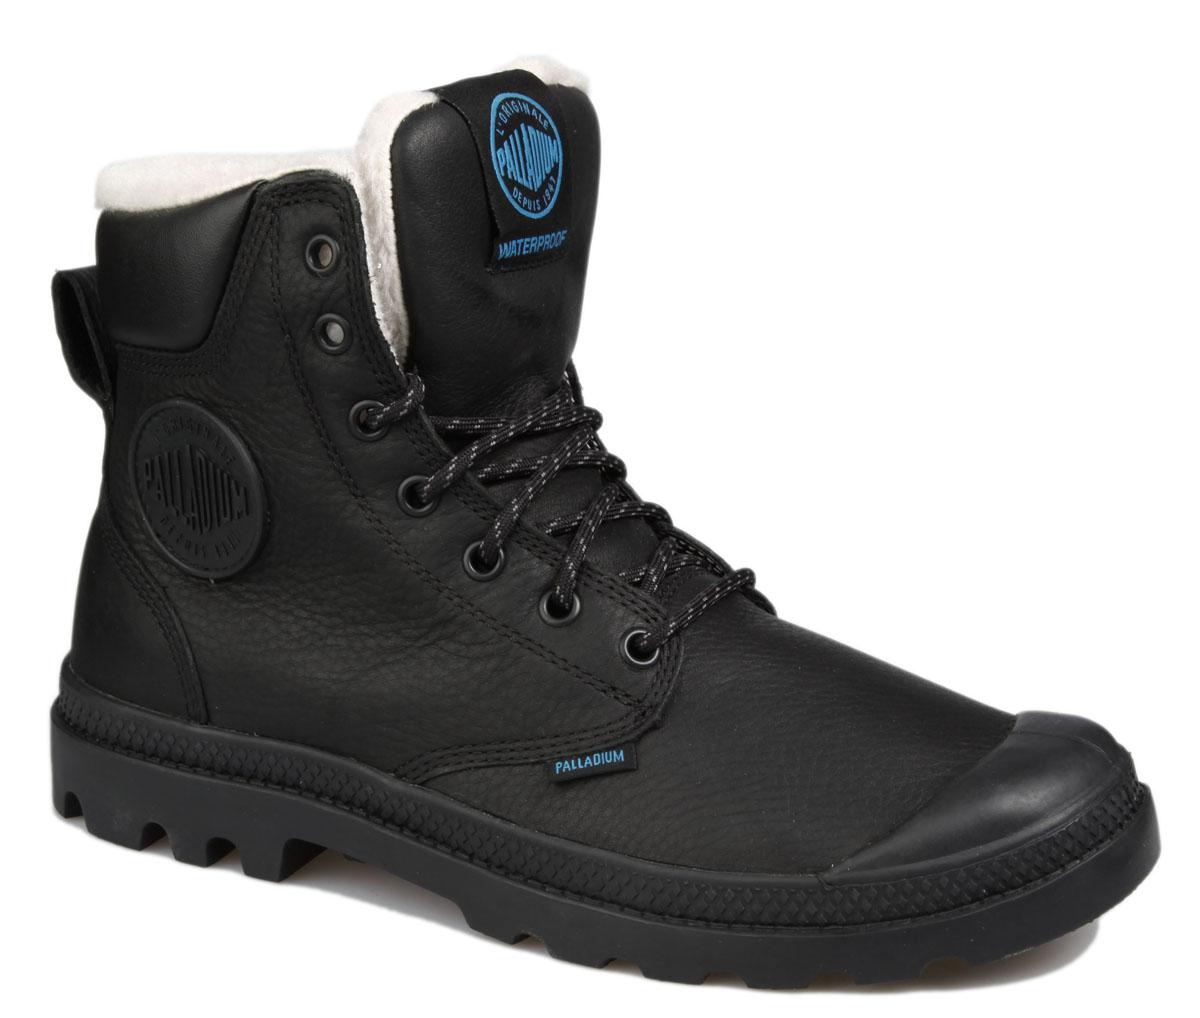 Ботинки72992-228Стильные ботинки Pampa Sport Cuff WPS от Palladium прекрасно подойдут для повседневной носки в холодную погоду. Верх ботинок выполнен из натурального нубука. Подкладка изготовлена из натуральной шерсти, которая сохранит ваши ноги в тепле. Фиксируется модель на ноге при помощи плотной классической шнуровки. Вшитый язычок исключает попадание снега внутрь ботинка и обеспечивает дополнительную теплоизоляцию. Прорезиненный мысок и кант защитят от влаги и позволят продлить срок службы изделия. Стелька EVA для амортизации и комфорта при ходьбе. Резиновая подошва с глубоким протектором обеспечивает превосходное сцепление на любой поверхности. Оформлена модель вставкой из искусственной кожи, сбоку прорезиненной нашивкой с логотипом Palladium, а на язычке нашивкой с названием бренда. Такие ботинки будут прекрасно сочетаться с различными вещами вашего гардероба. Они подчеркнут ваш стиль и индивидуальность!